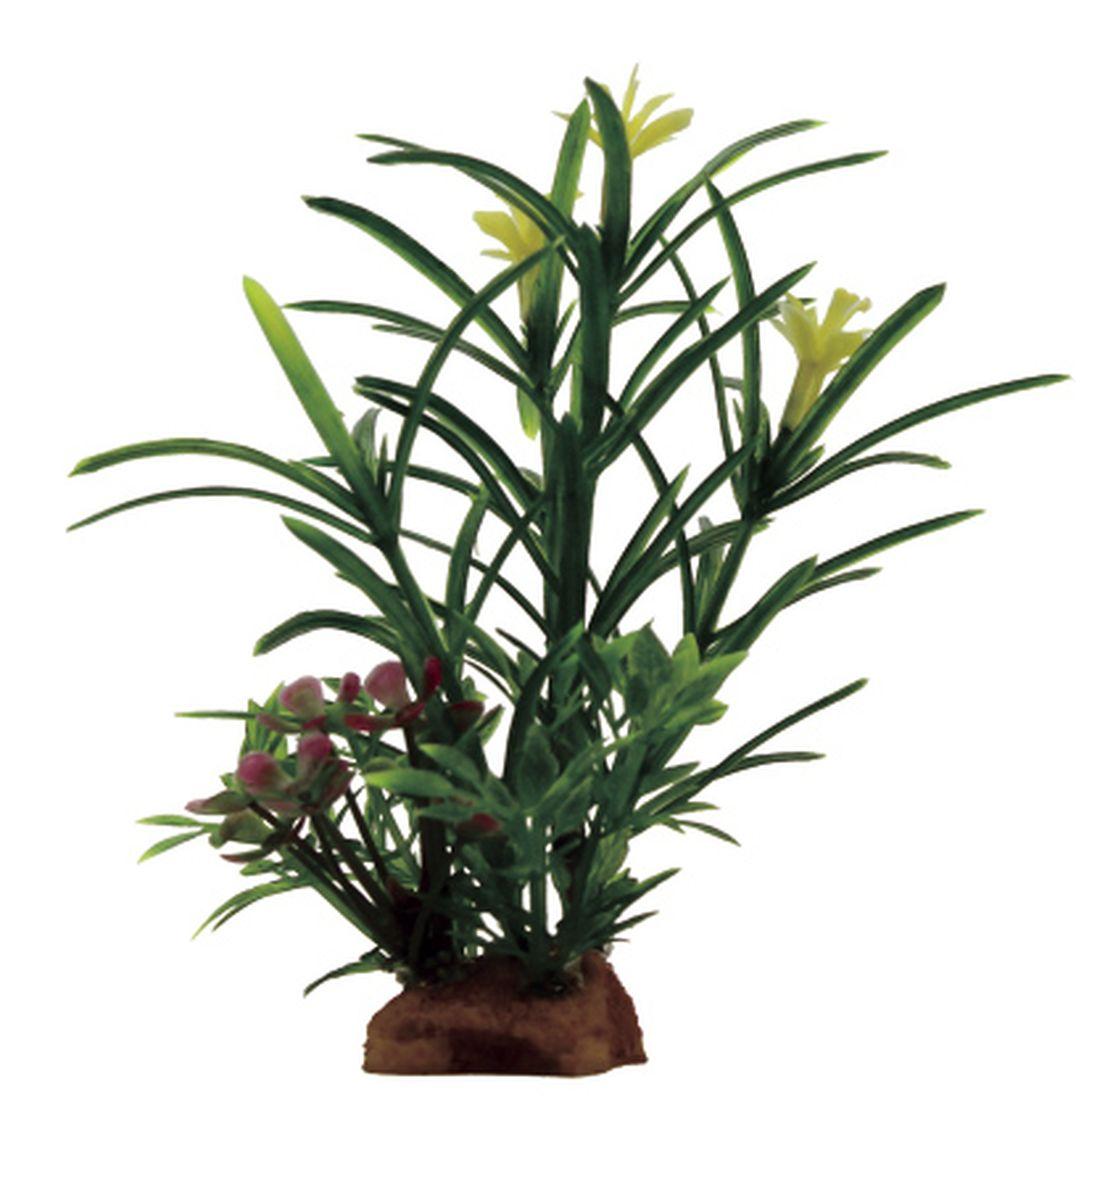 Композиция из растений для аквариума ArtUniq Эустералис, 8 x 7 x 14 смART-1130913Композиция из искусственных растений ArtUniq превосходно украсит и оживит аквариум.Растения - это важная часть любой композиции, они помогут вдохнуть жизнь в ландшафт любого аквариума или террариума. Композиция является точной копией природного растения.